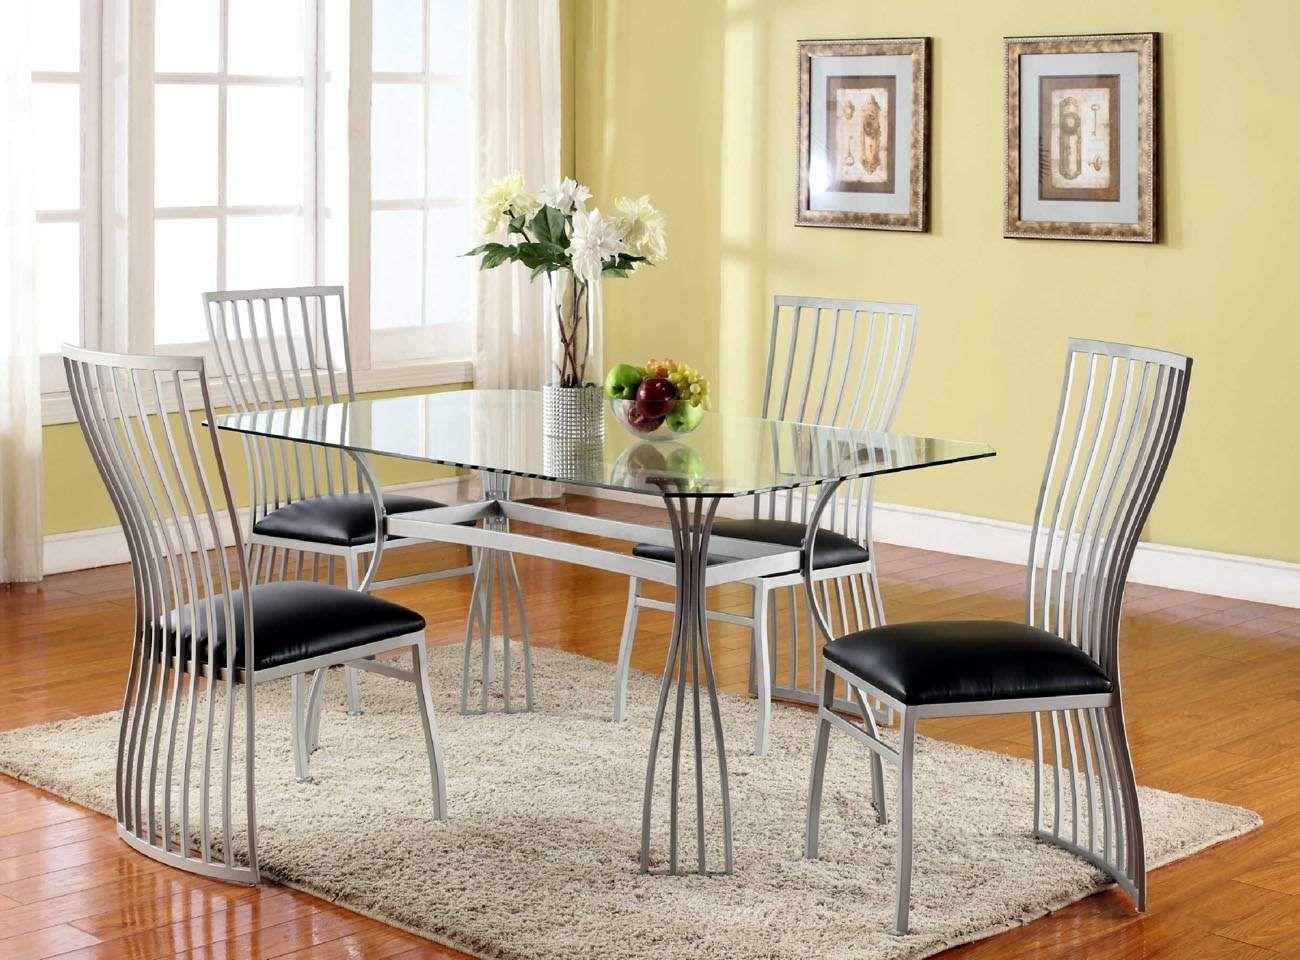 Luxury Dining Room Design Ideas  desainideas